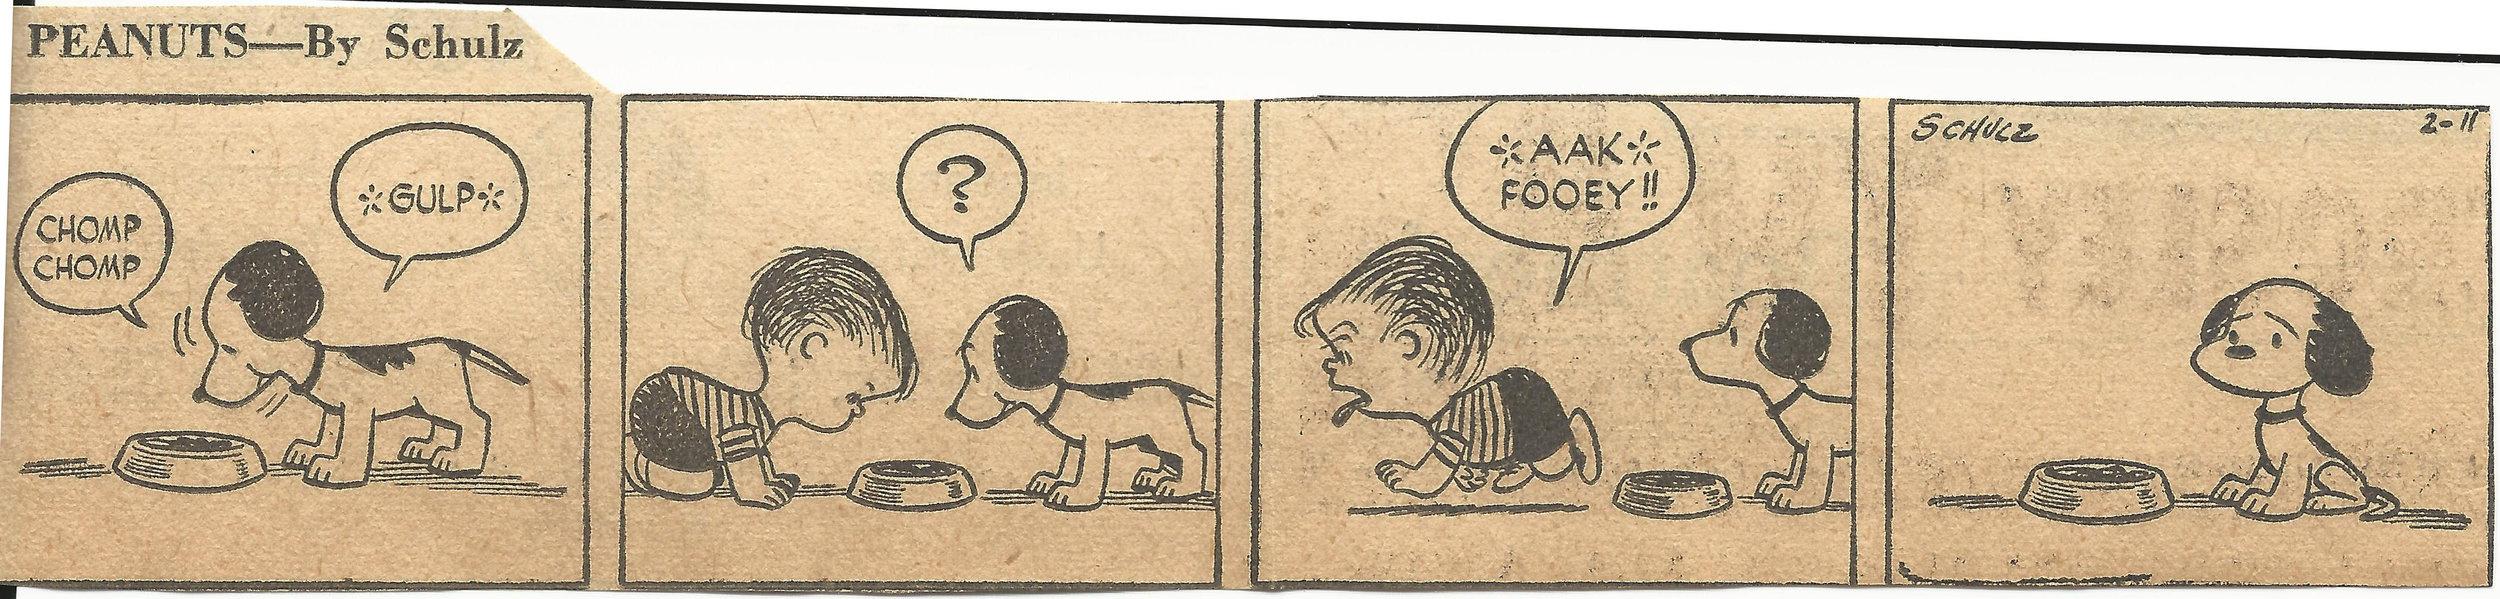 11. Feb. 12, 1953 (Oma)_Page_6 (2).jpg